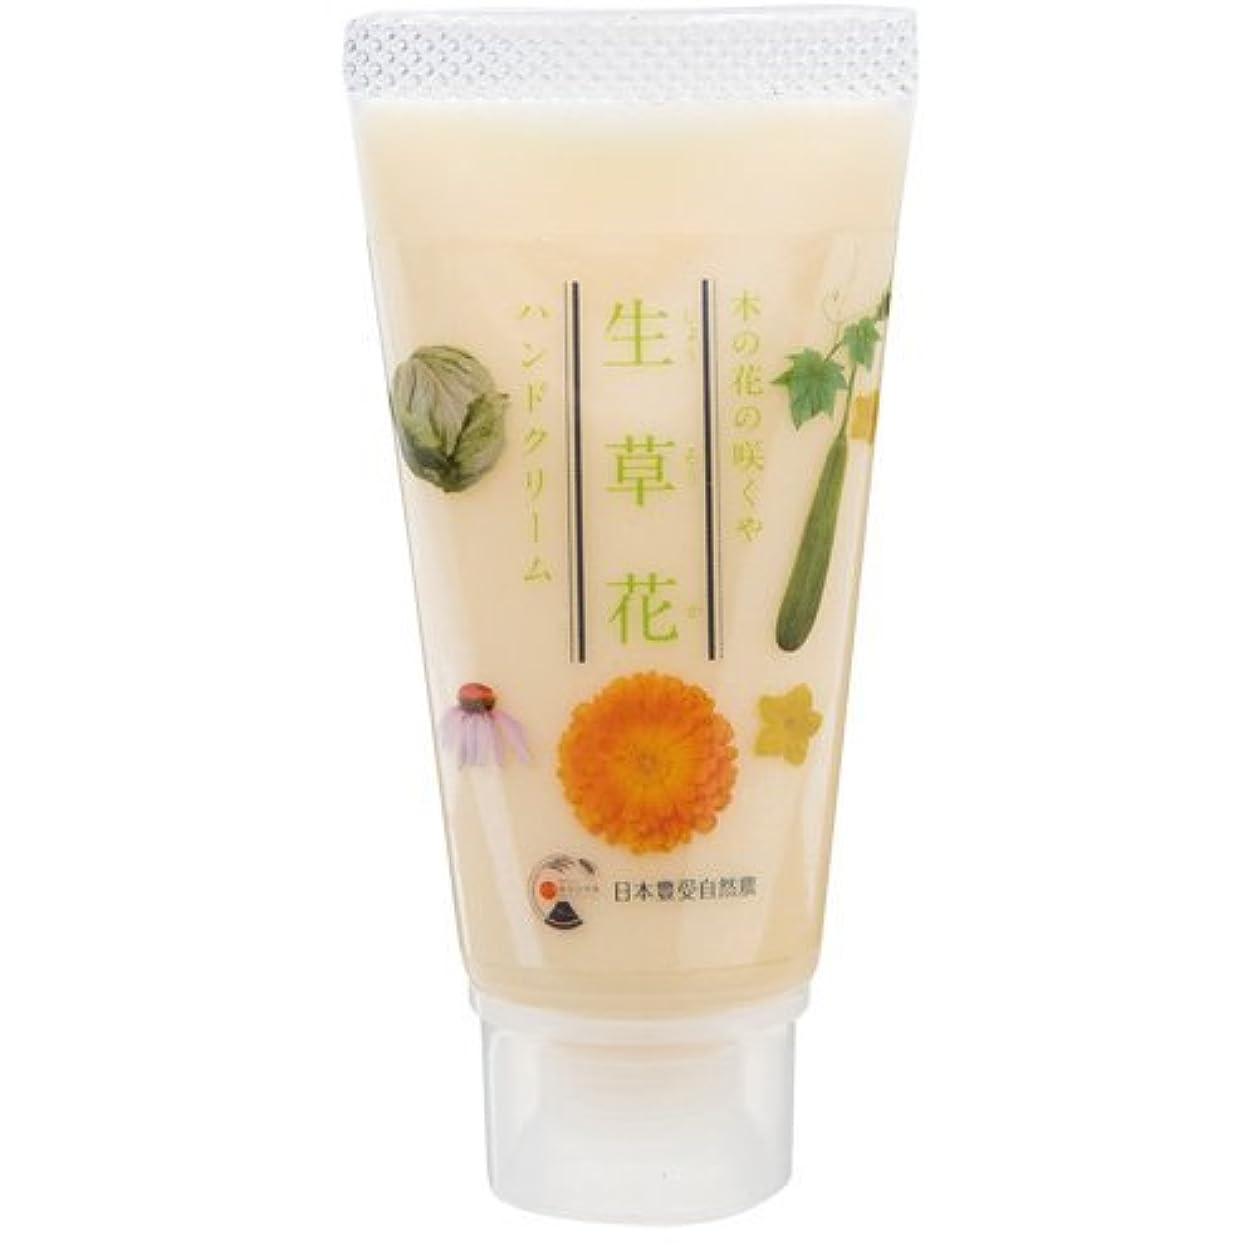 チーフ用心する日本豊受自然農 木の花の咲くや 生草花 ハンドクリーム 30g